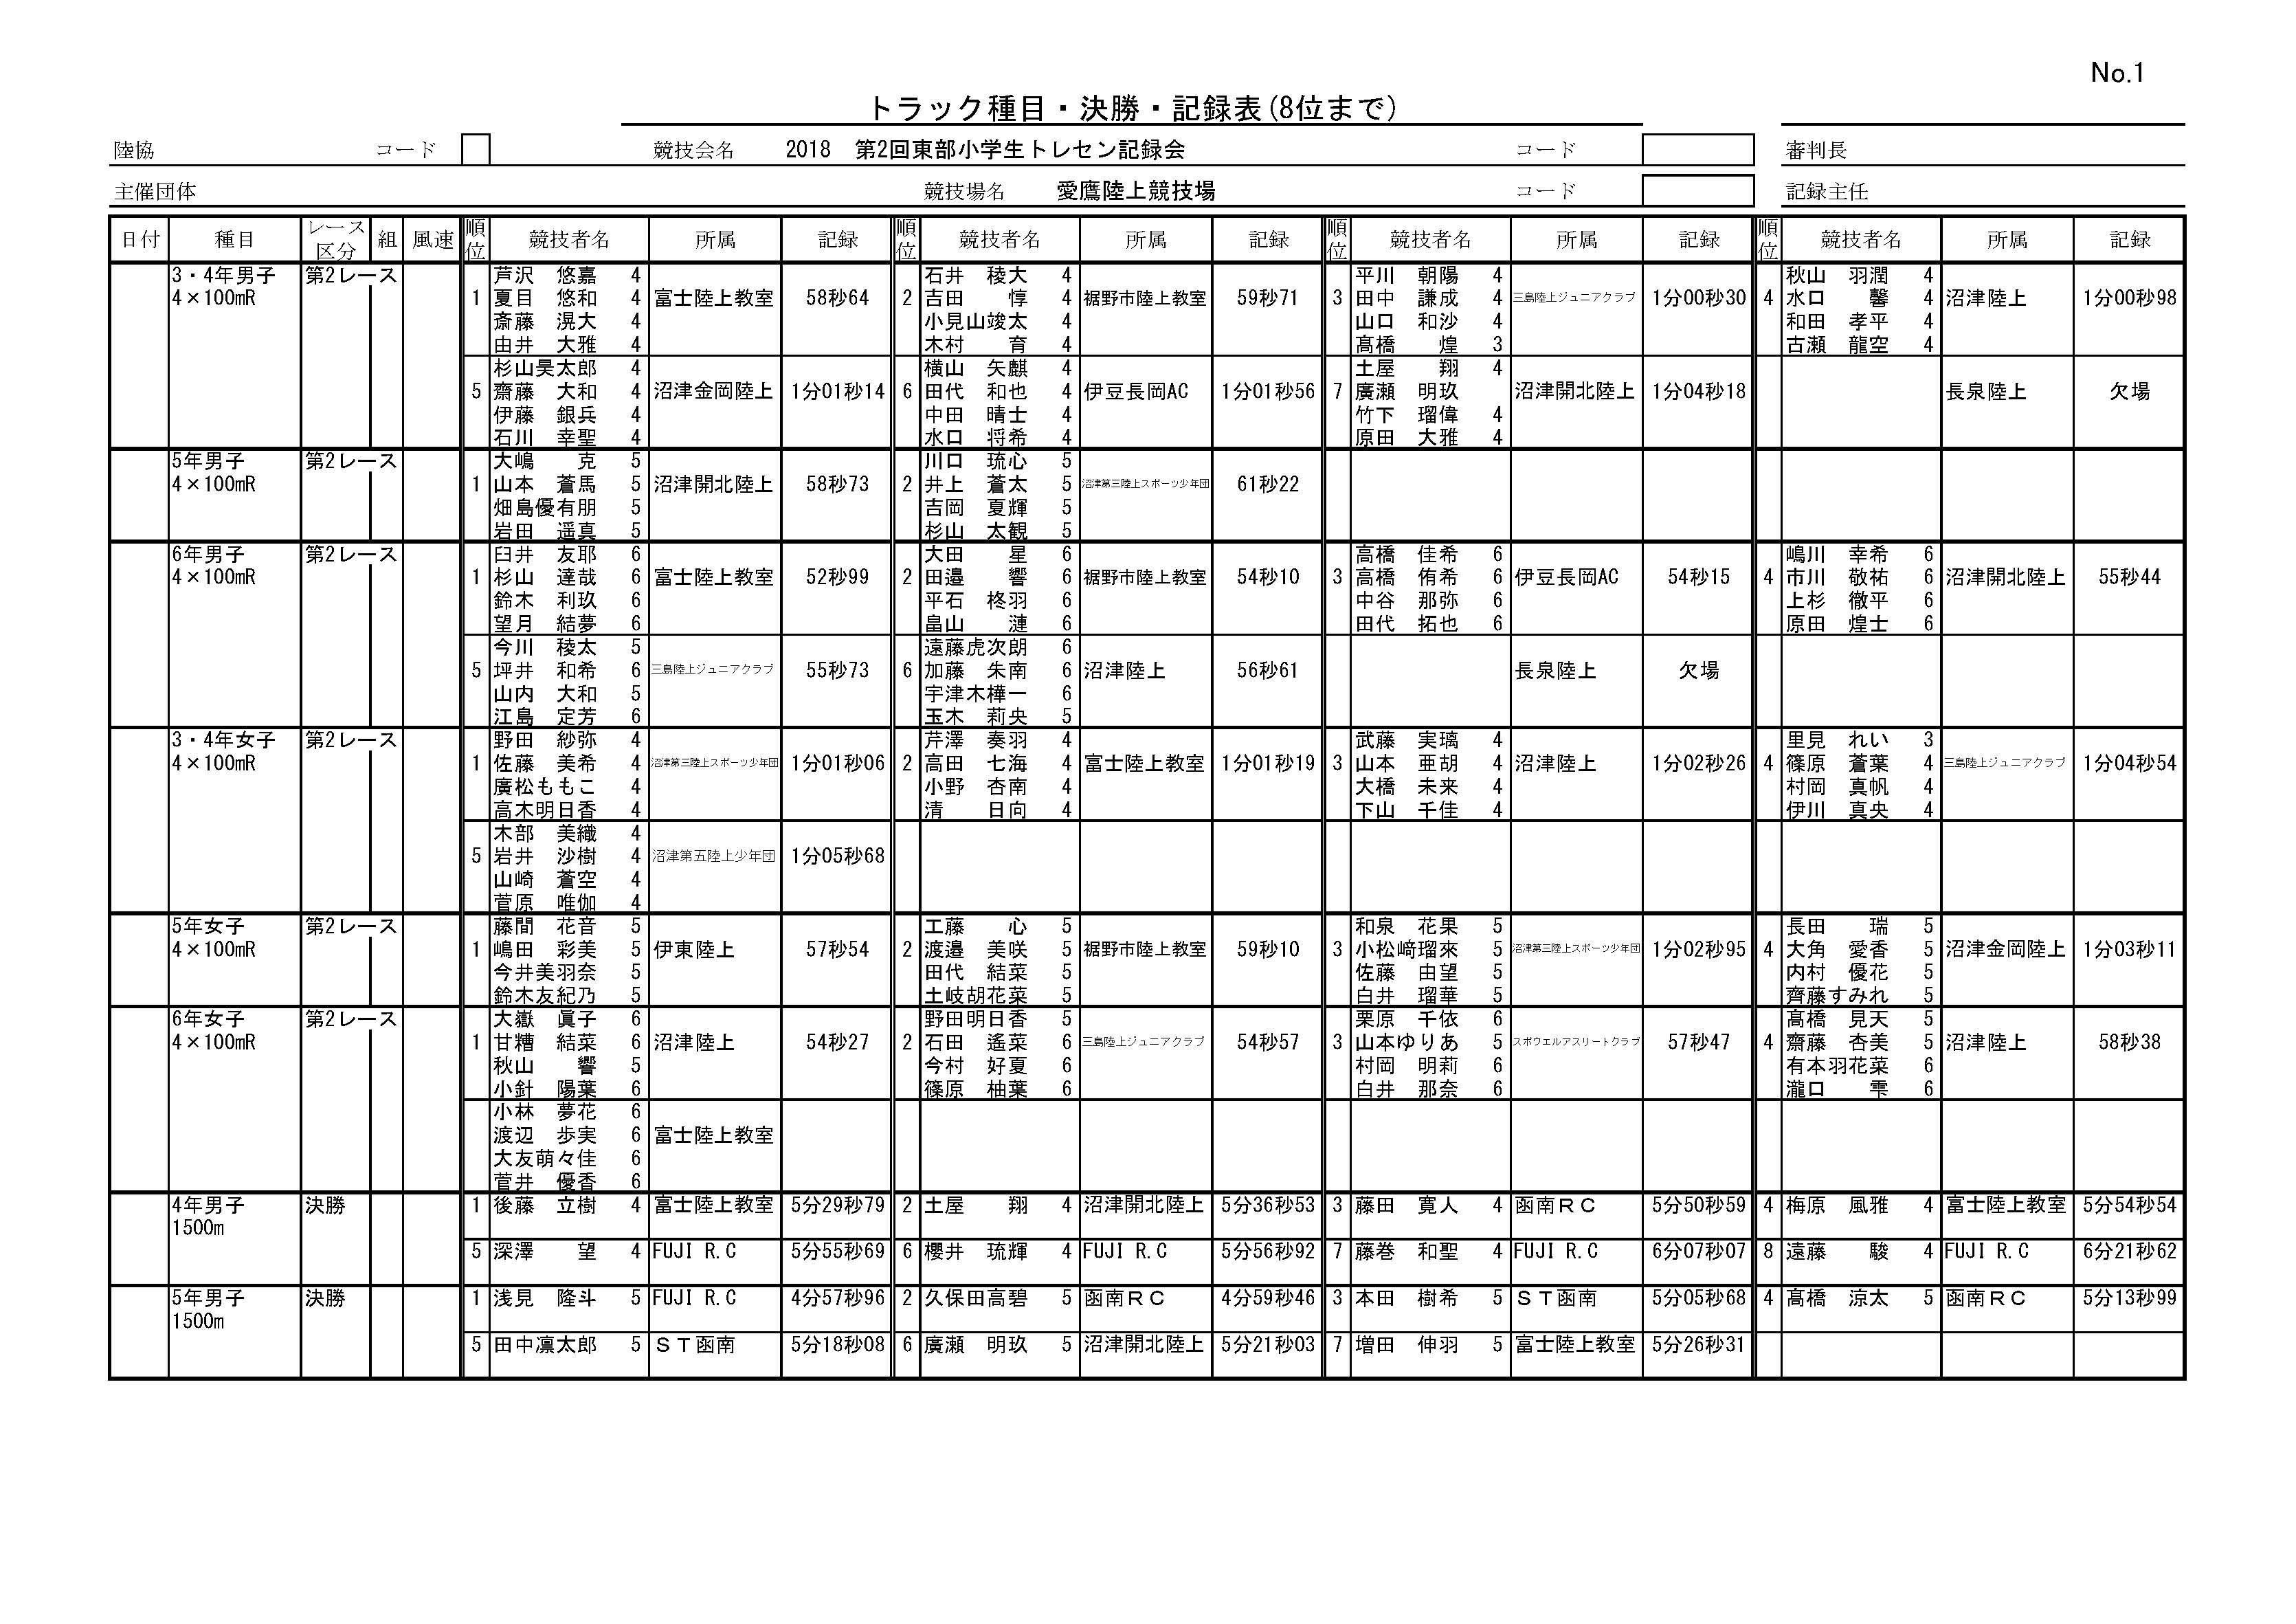 トップ8一覧表(第2回東部小学生トレセン記録会)_ページ_1